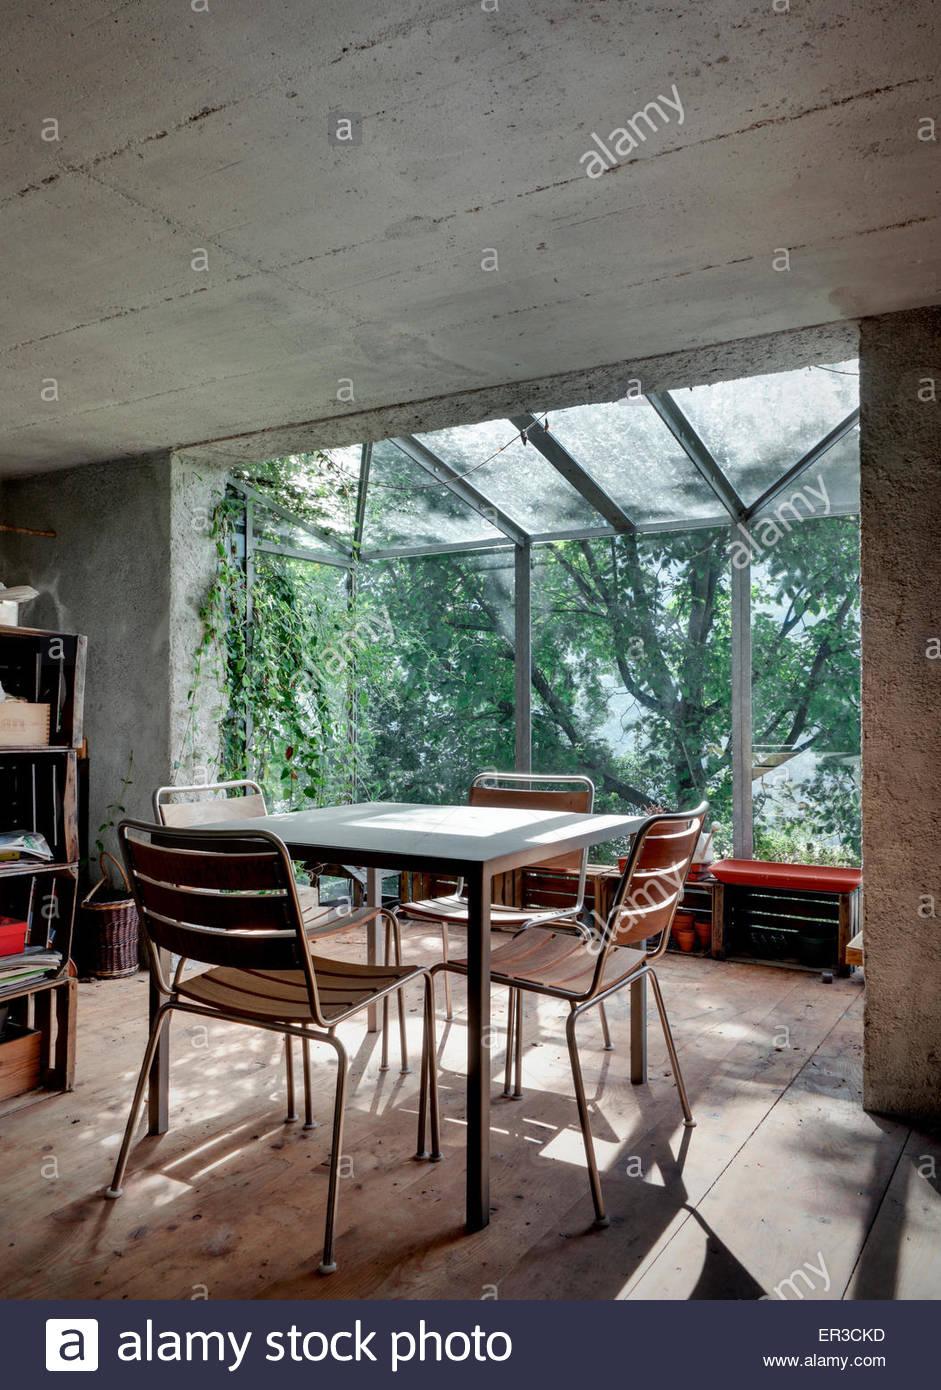 Esstisch Und Stühle Im Konservatorium Von Green Box Renovierten Garage,  Cerido, Morbegno, Lombardei